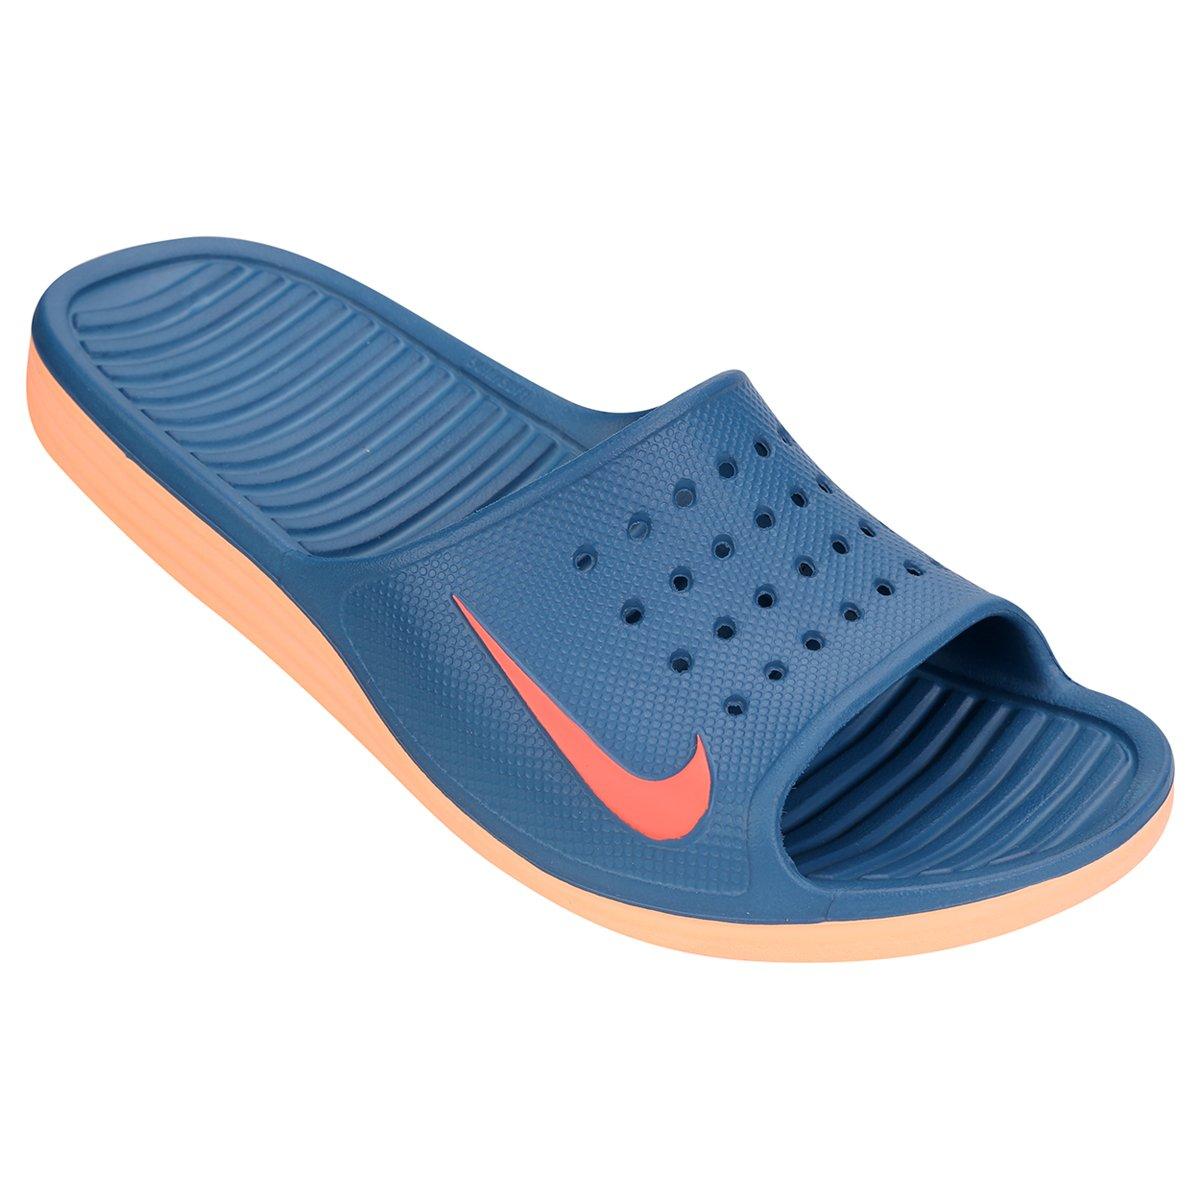 02d80adb41 Sandália Nike Solarsoft Slide - Compre Agora